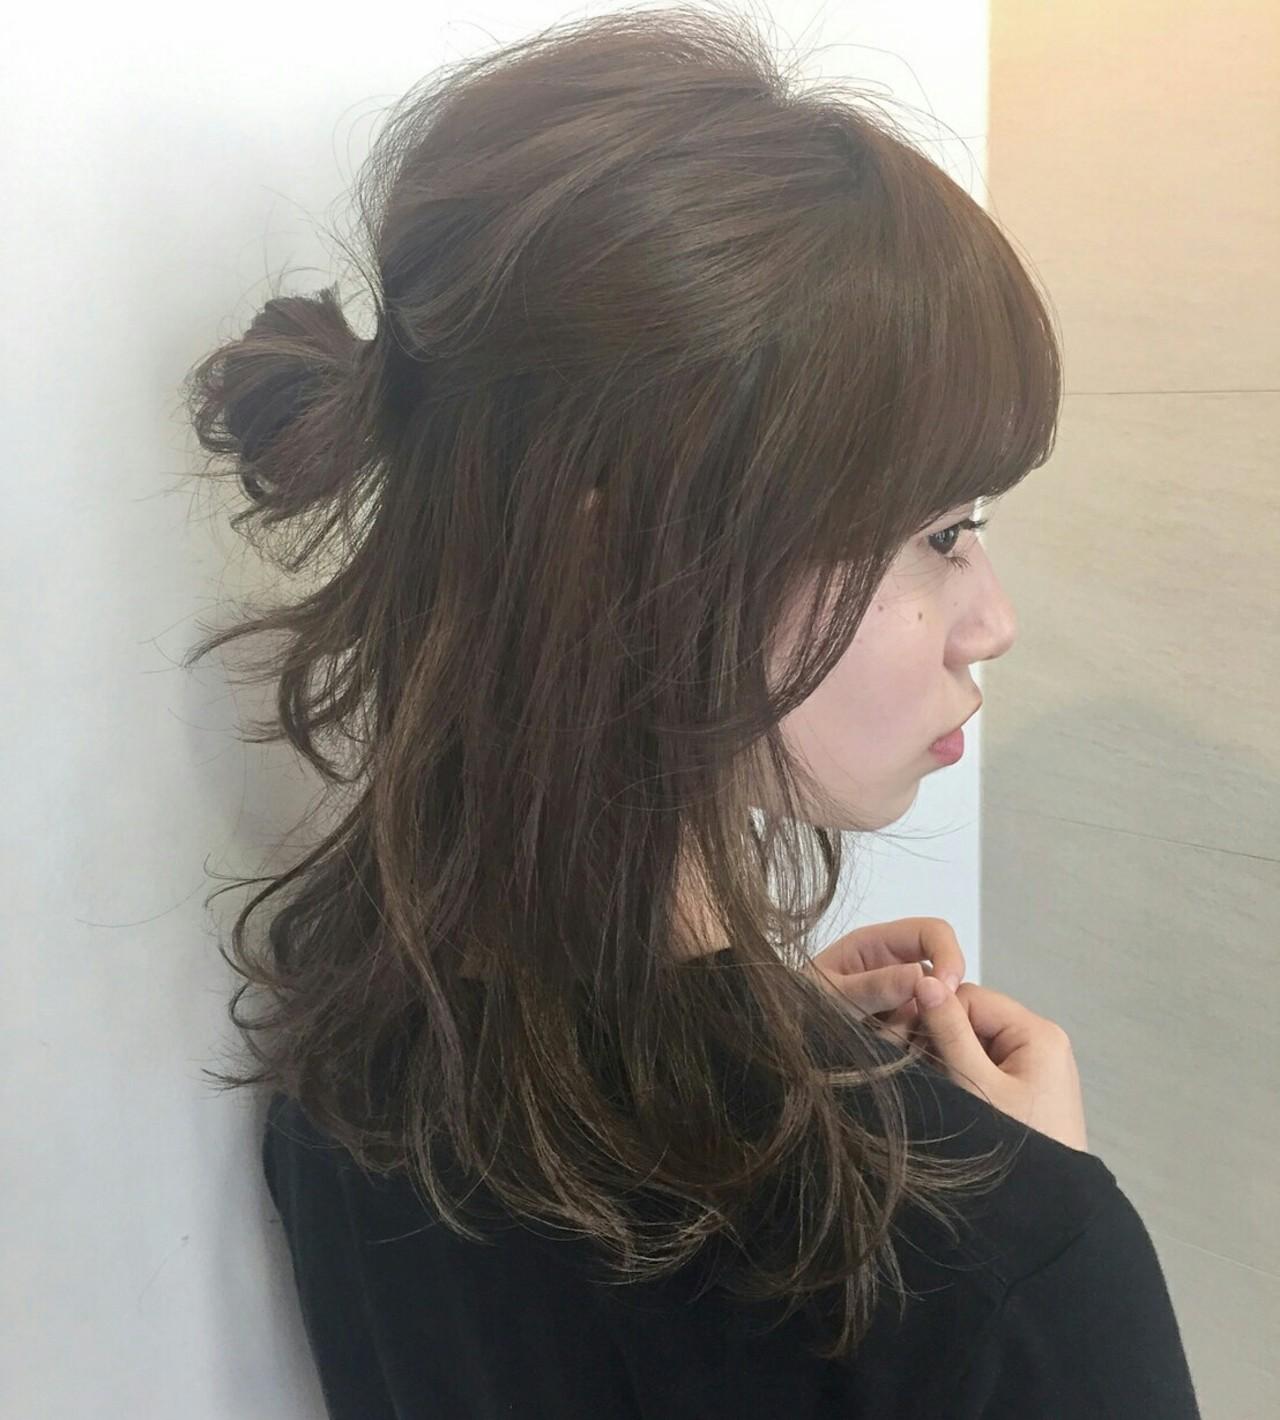 ナチュラル ハーフアップ ショート 簡単ヘアアレンジ ヘアスタイルや髪型の写真・画像 | 新谷 千絢 / Ramie